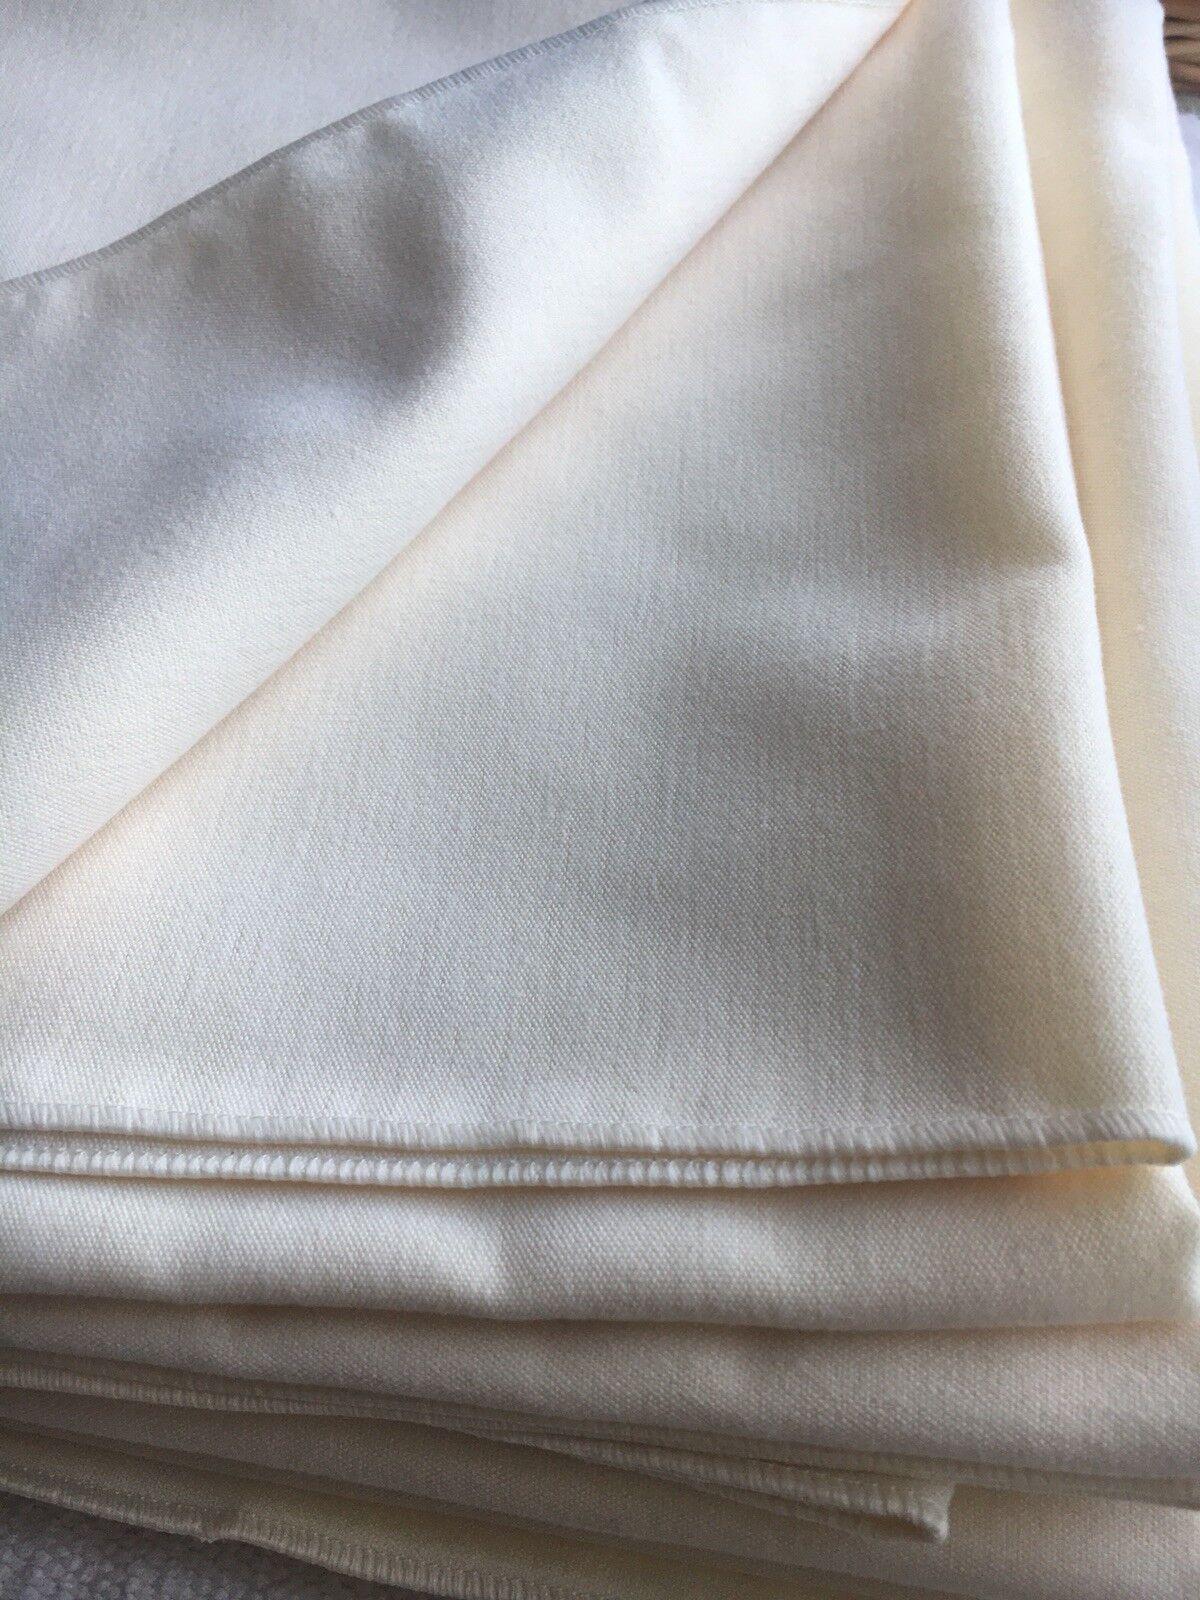 Lot de 8 Ivoire nappes taille 114 x 114 cm